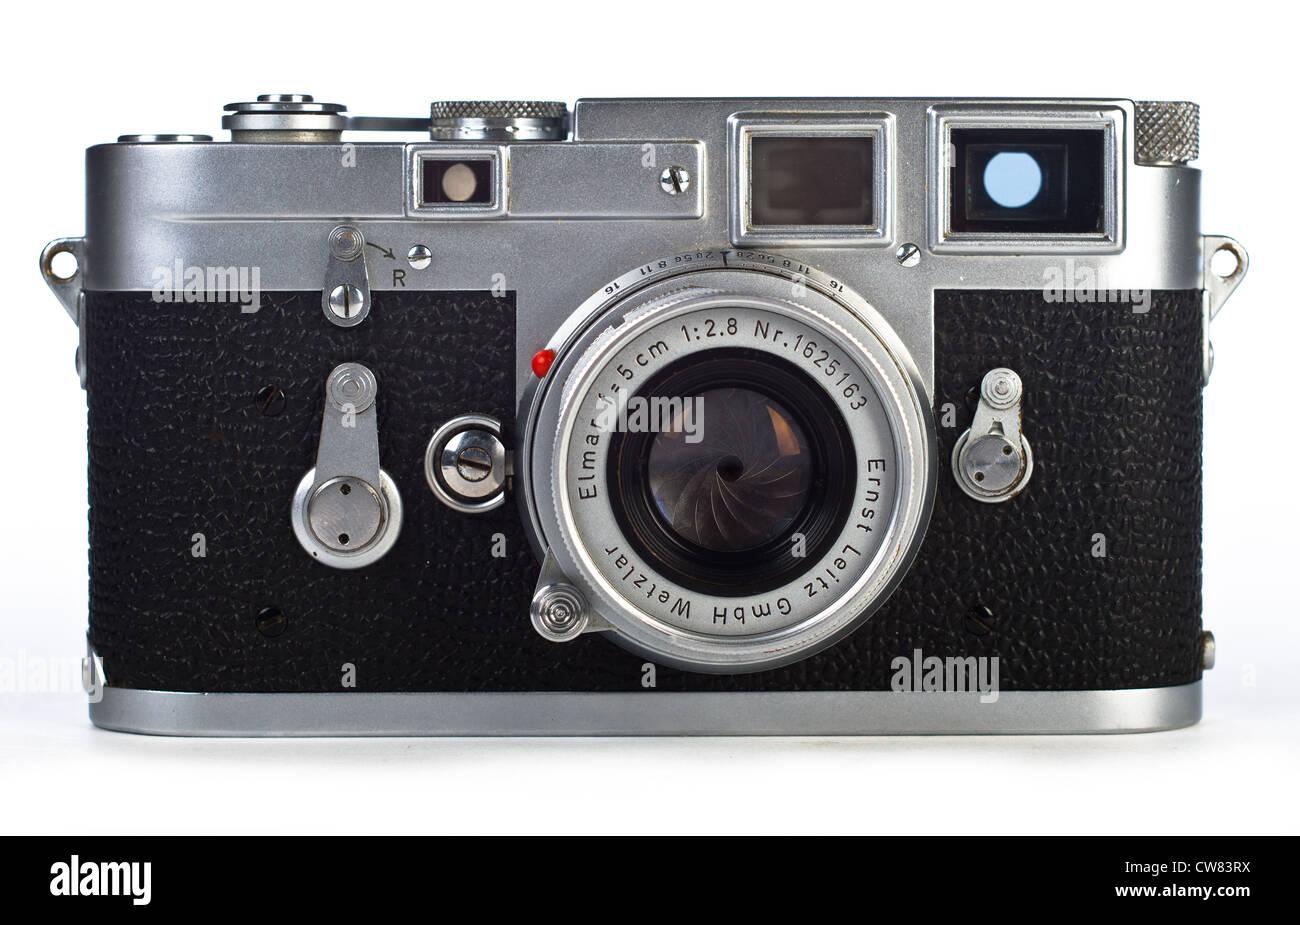 Leica m leitz entfernungsmesser kamera auf weißem hintergrund mit